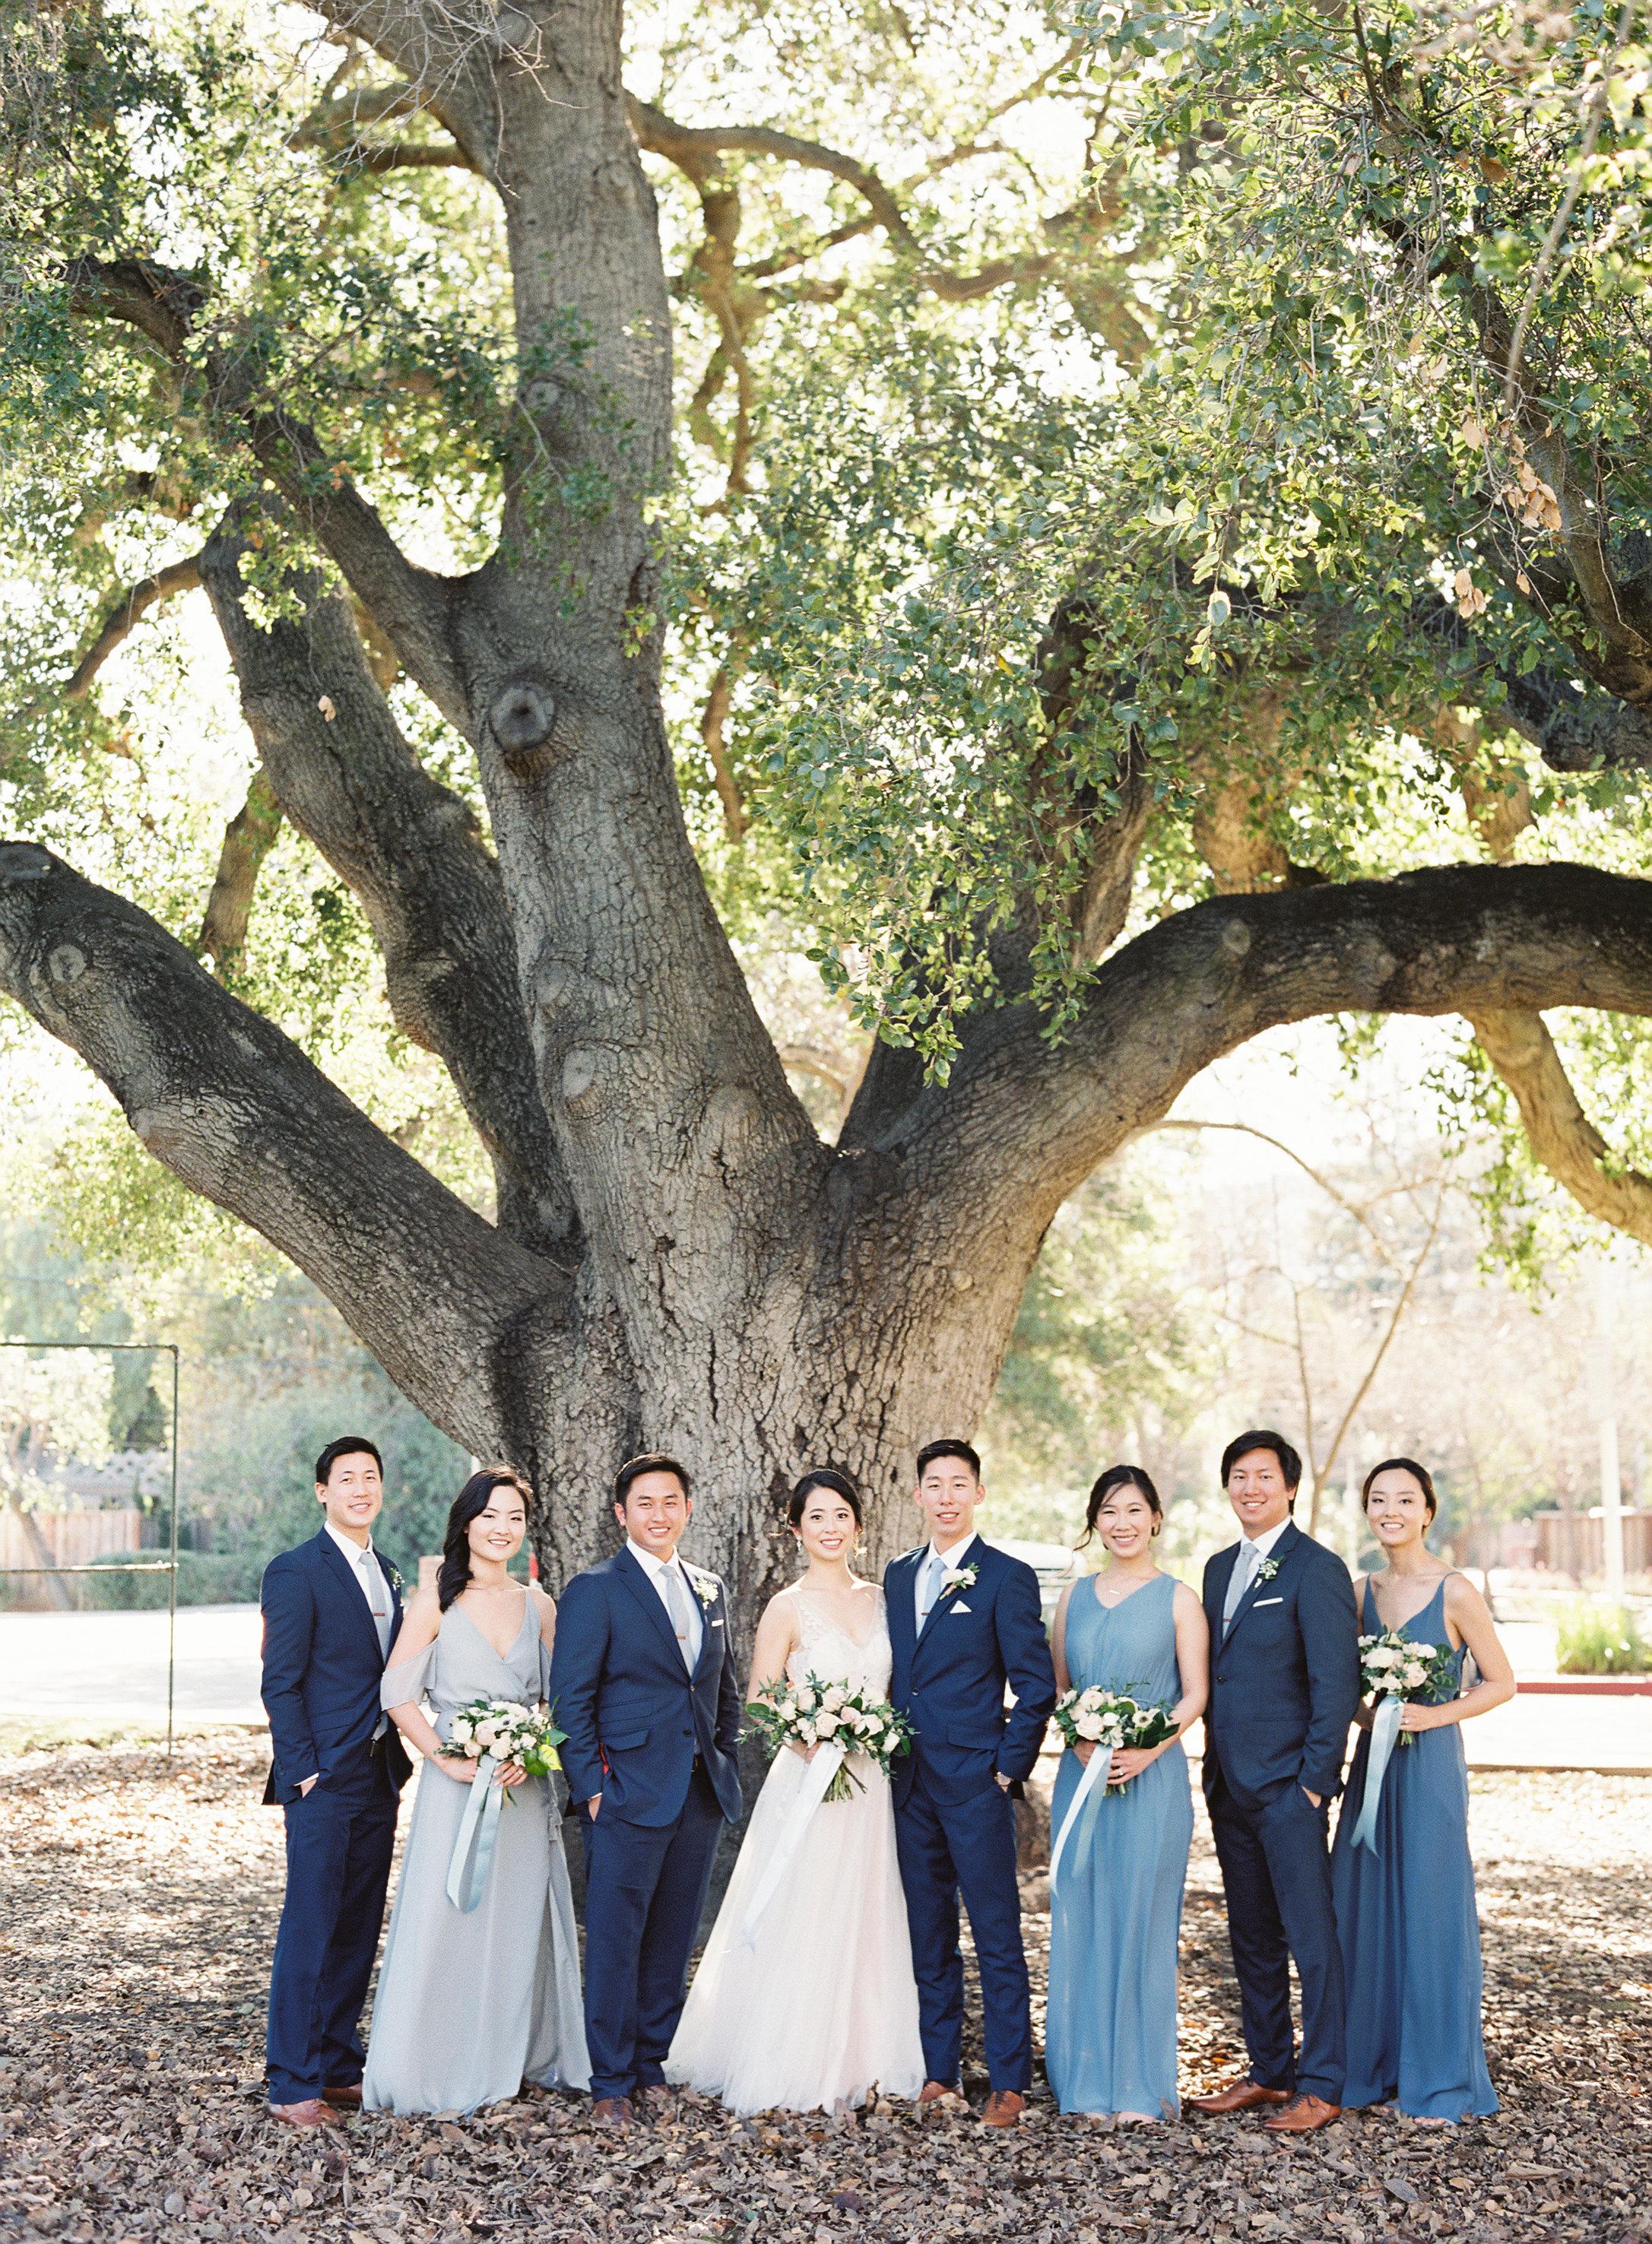 WeddingParty_007.jpg